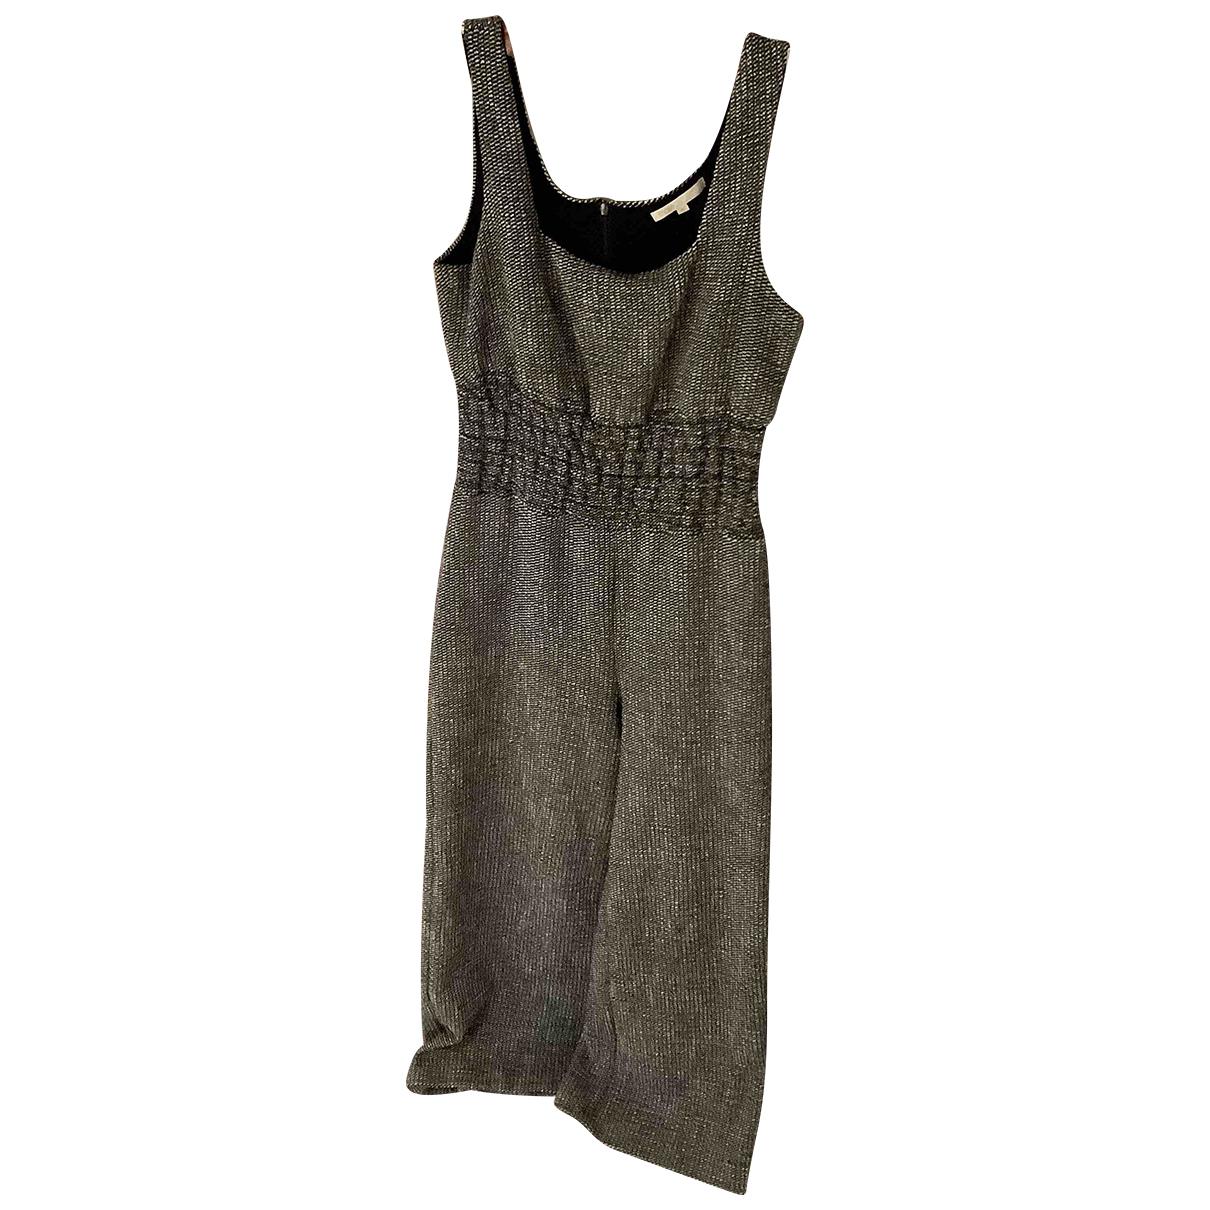 Maje N Black jumpsuit for Women 40 FR